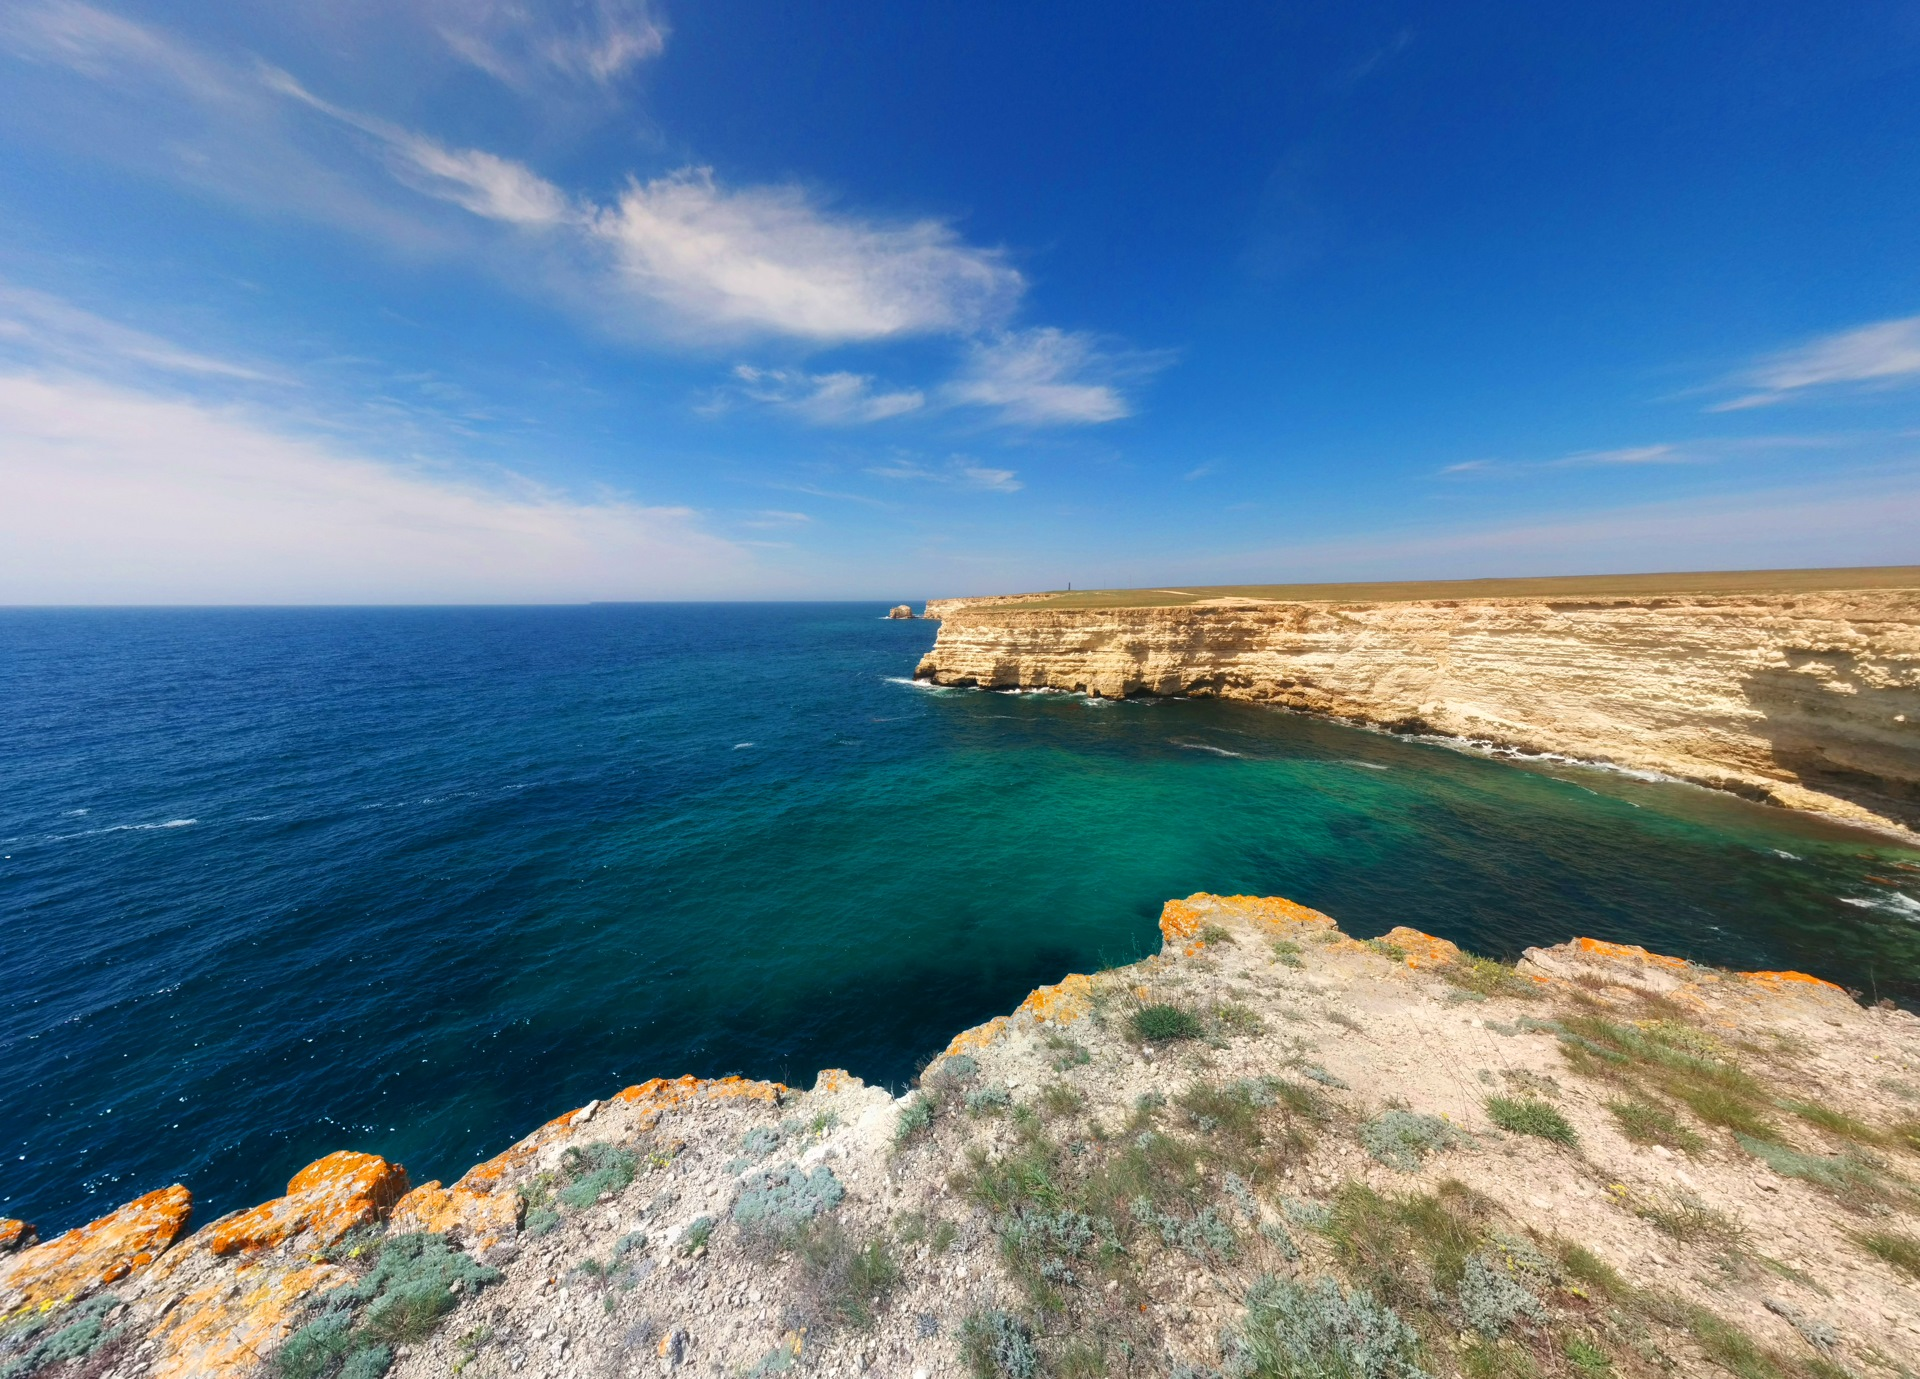 большинство крымских крым тарханкут фото пляжей и набережной встречи пройдут